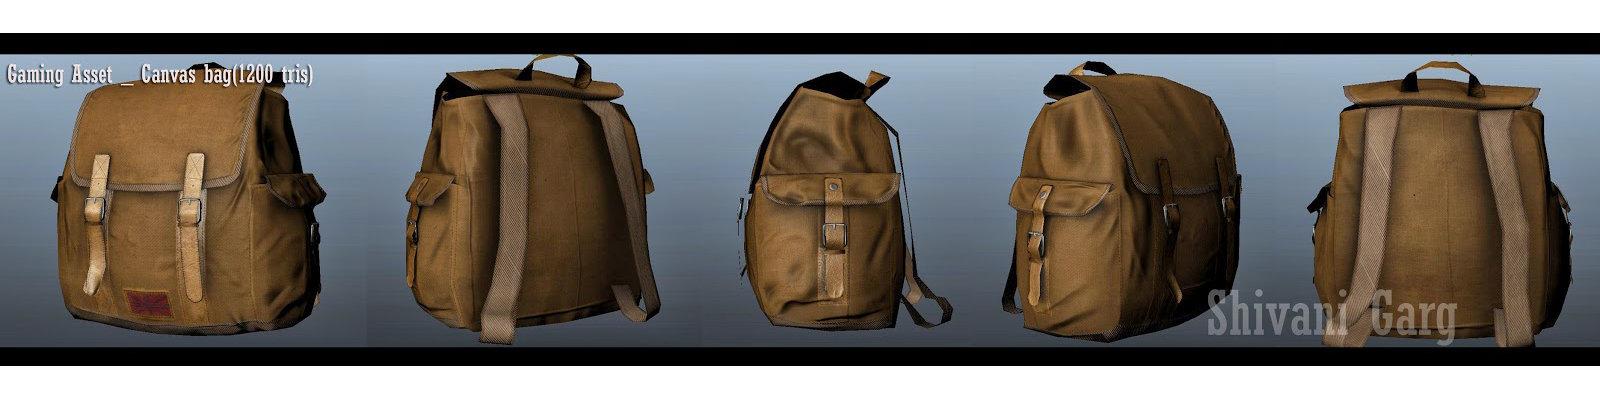 Shivani garg canvas bag